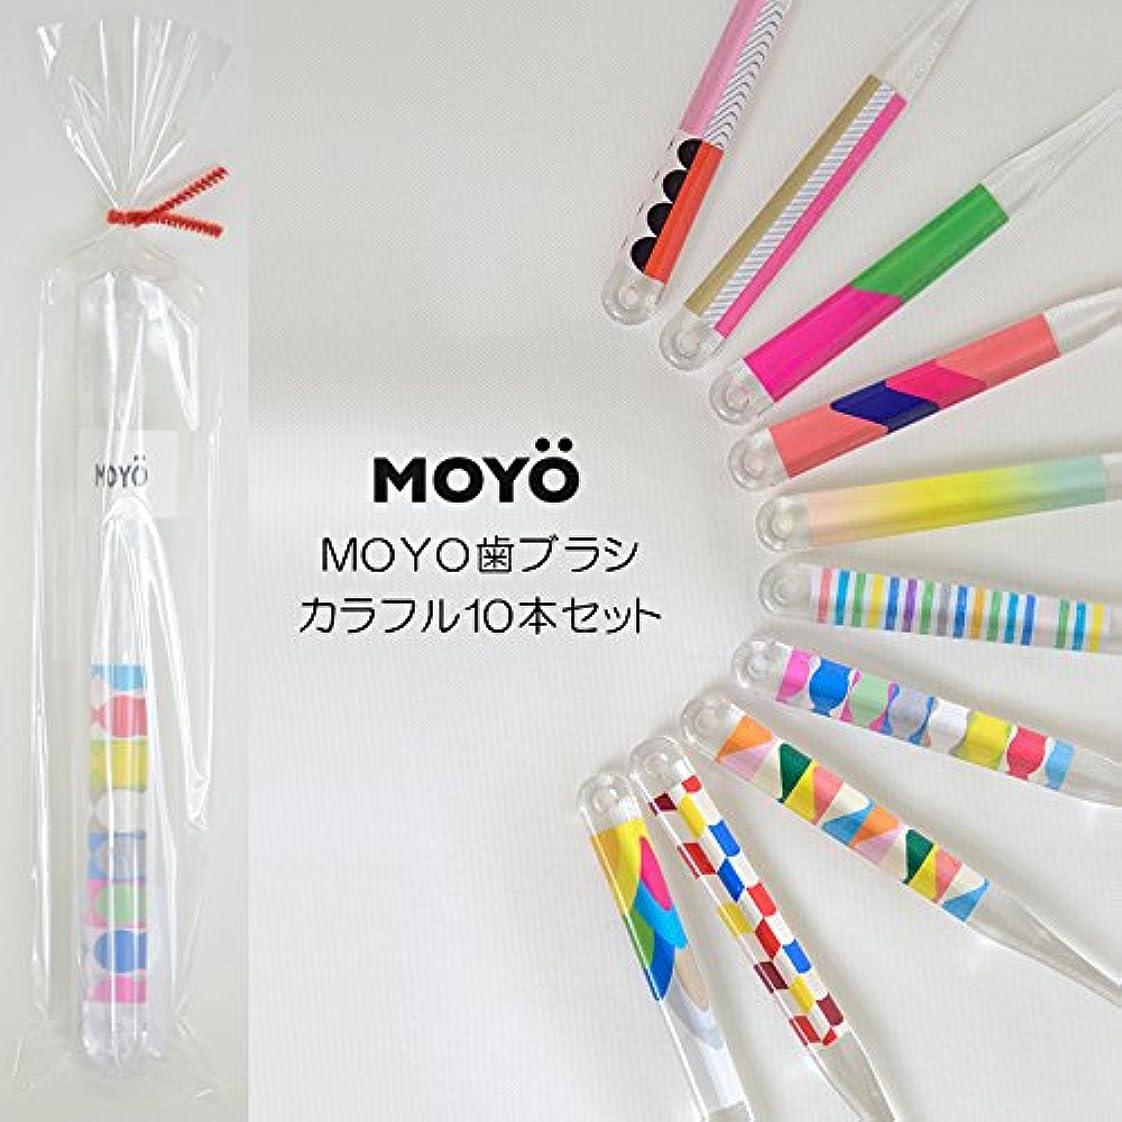 公爵やがて差MOYO モヨウ カラフル10本 プチ ギフト セット_562302-colorful 【F】,カラフル10本セット